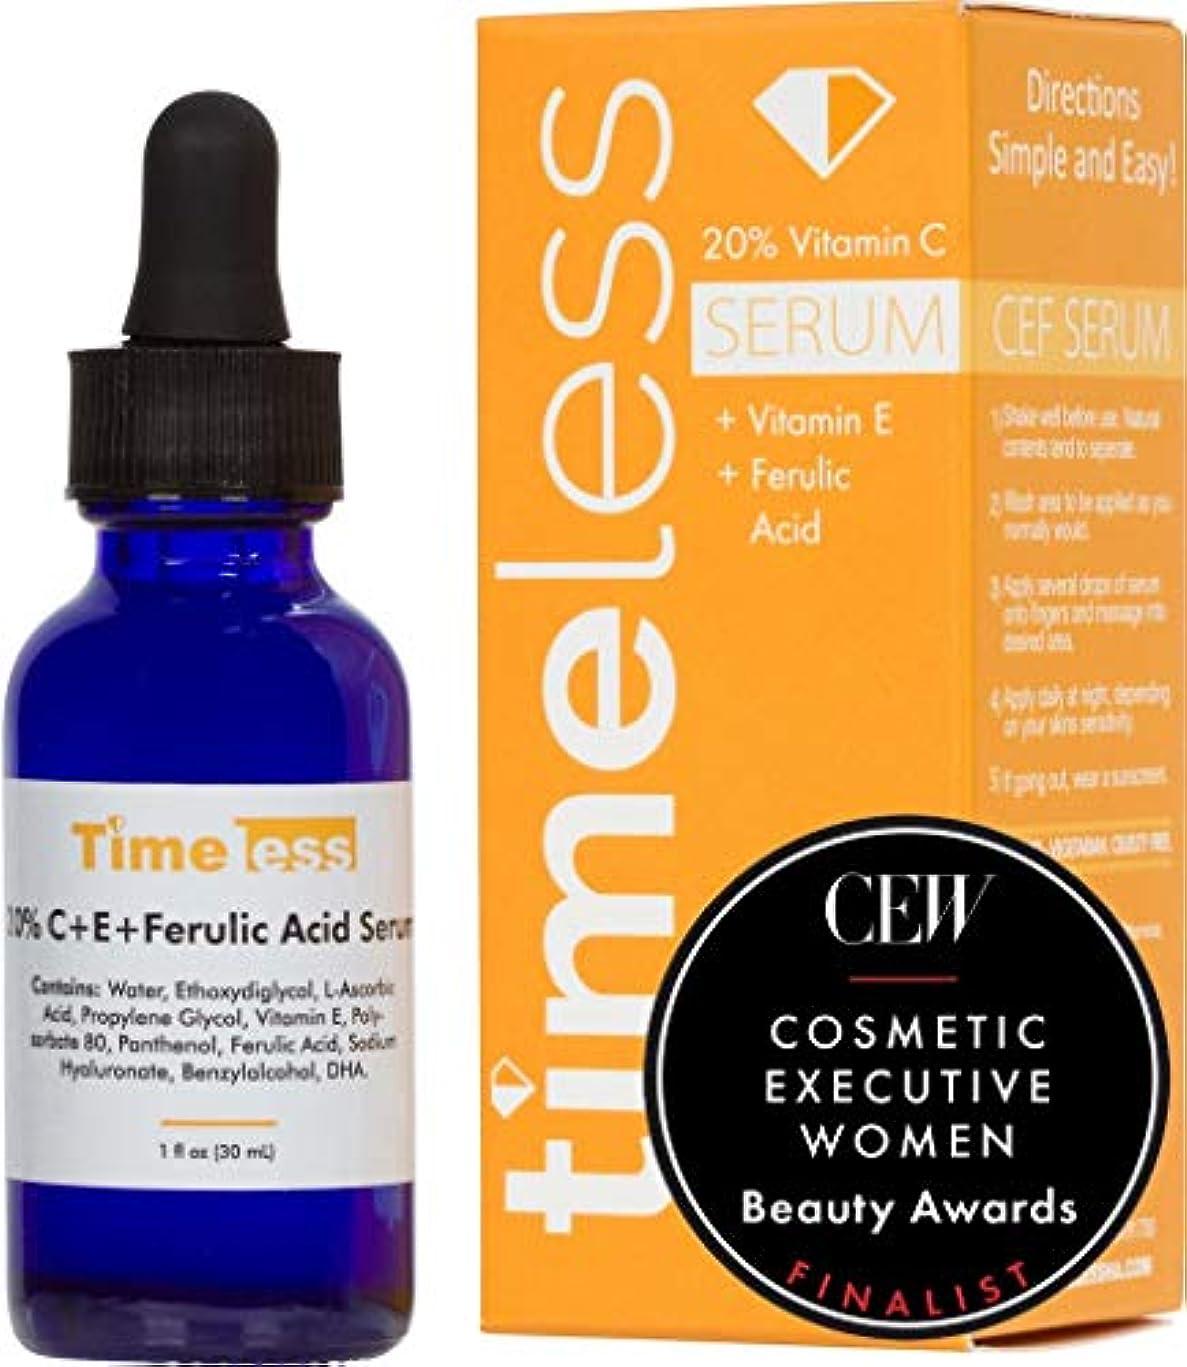 繁栄する熟考する国籍Timeless Skin Care 20% Vitamin C + E Ferulic Acid Serum 30ml /1oz - Sealed & Fresh Guaranteed! Dispatch from the UK